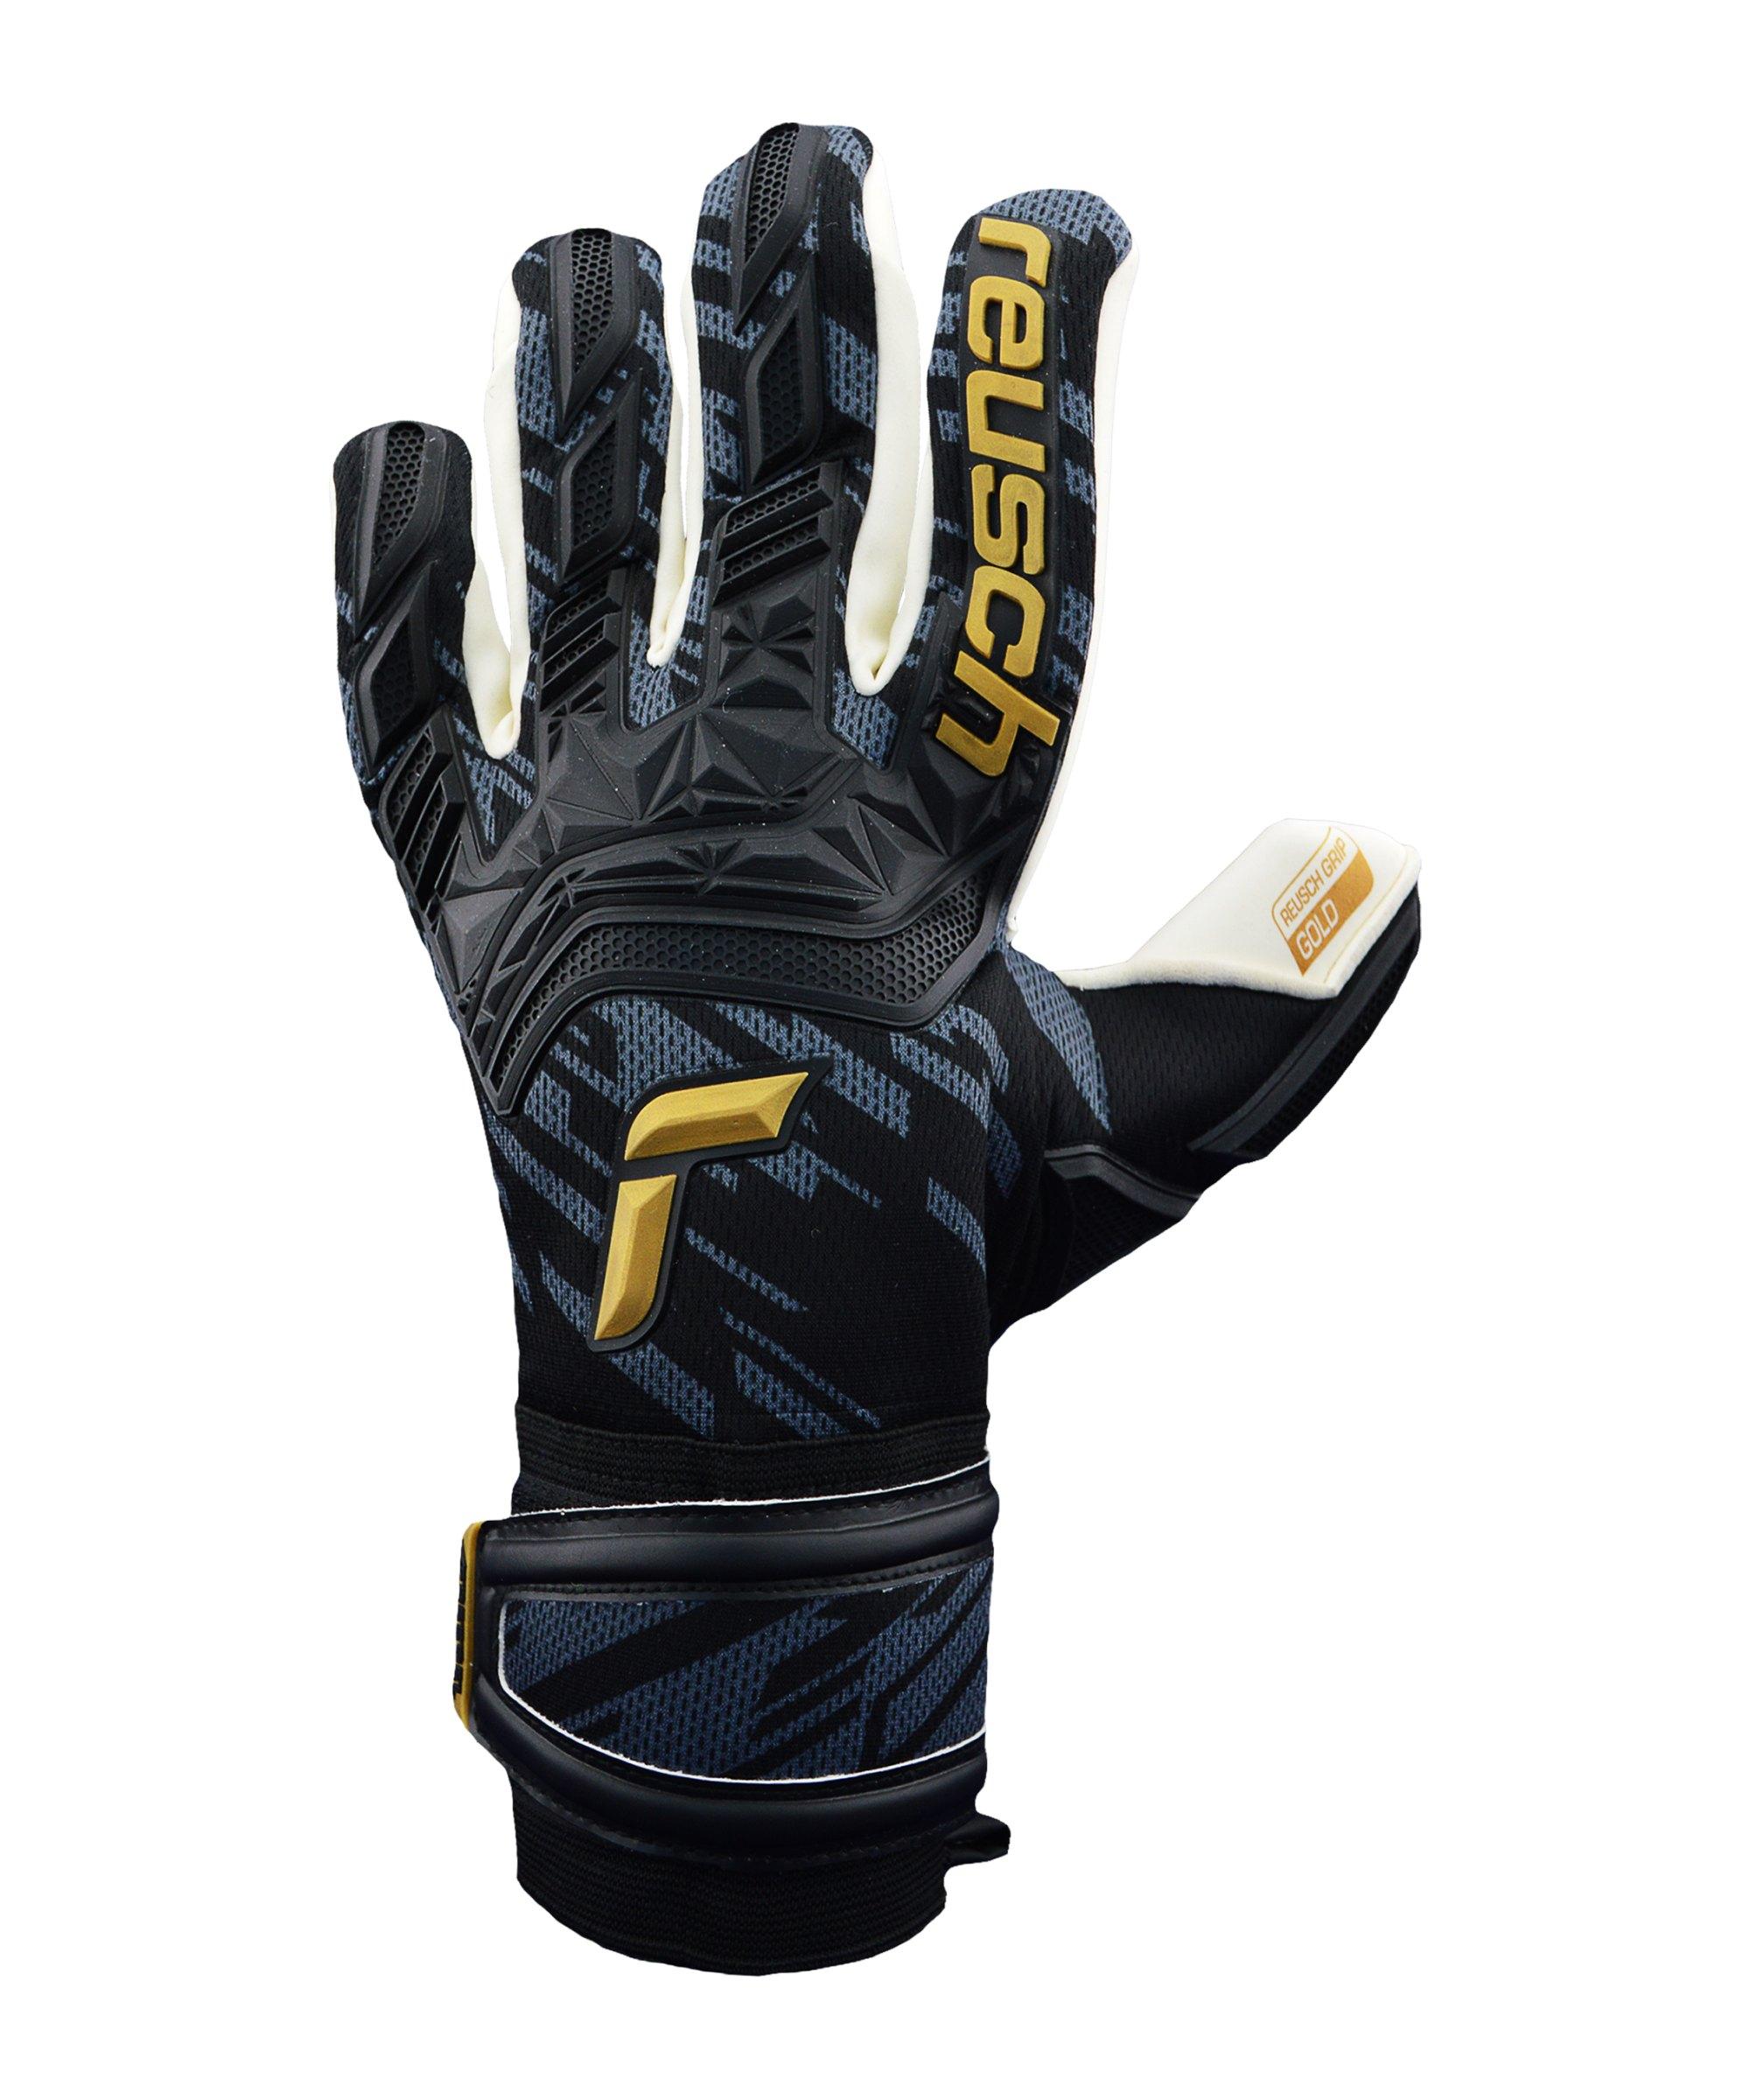 Reusch Attrakt Freegel Gold KsEdition TW-Handschuh Schwarz F7707 - schwarz